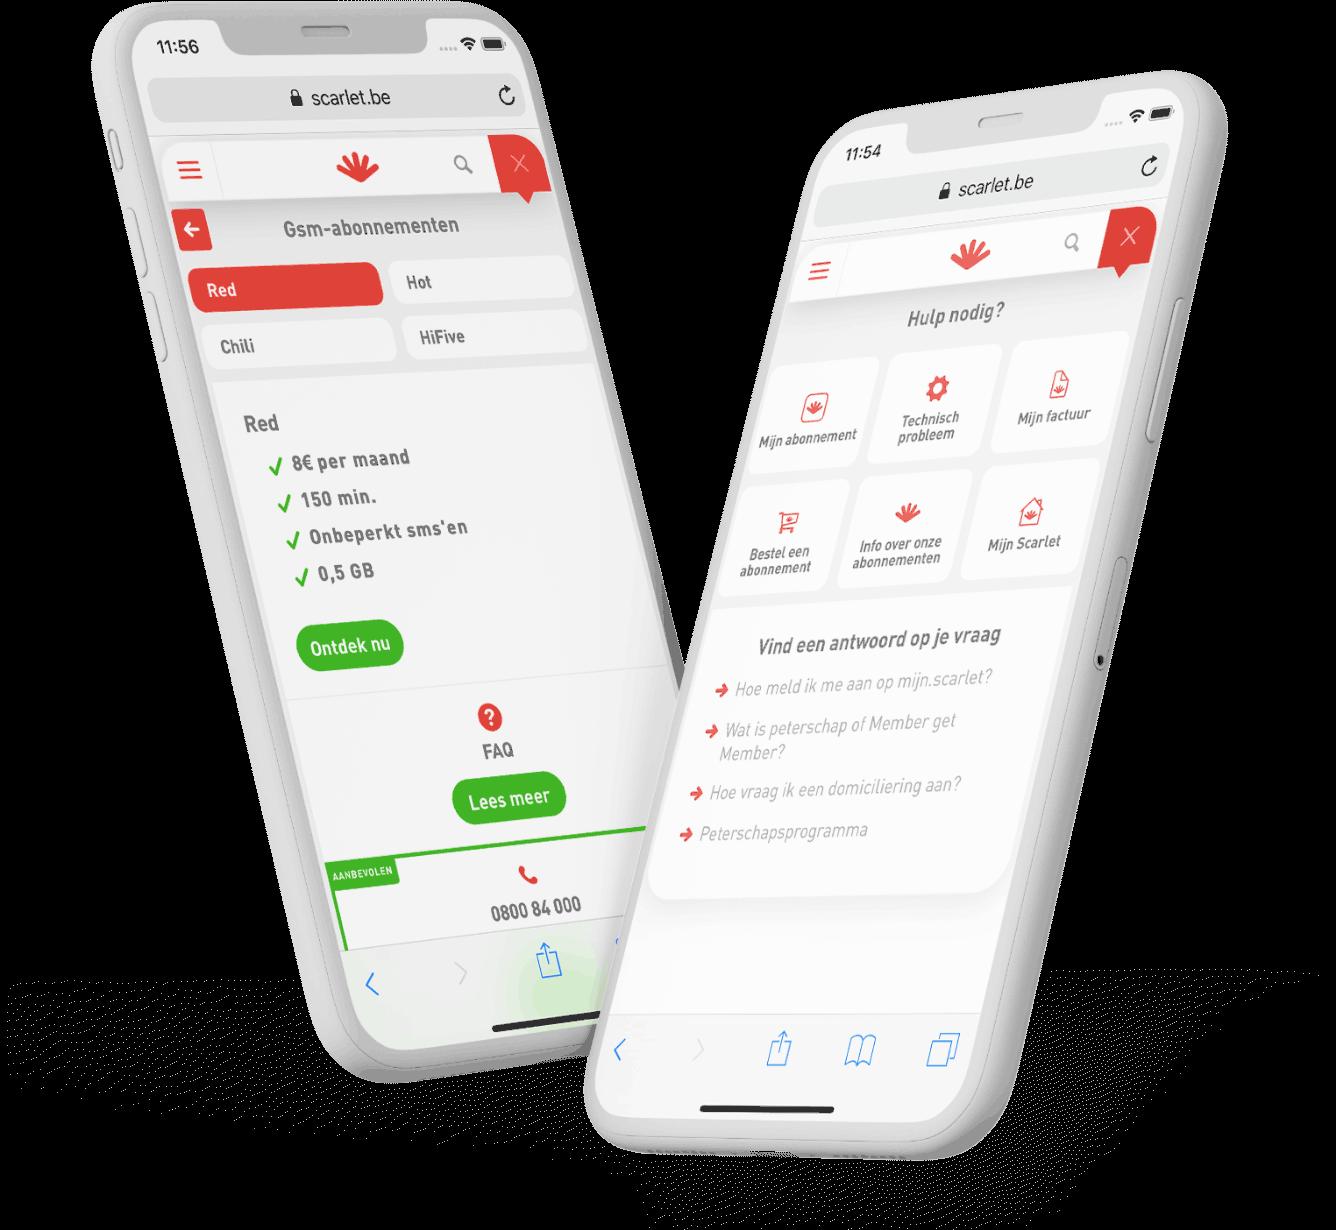 Scarlet FAQ module on iPhone X